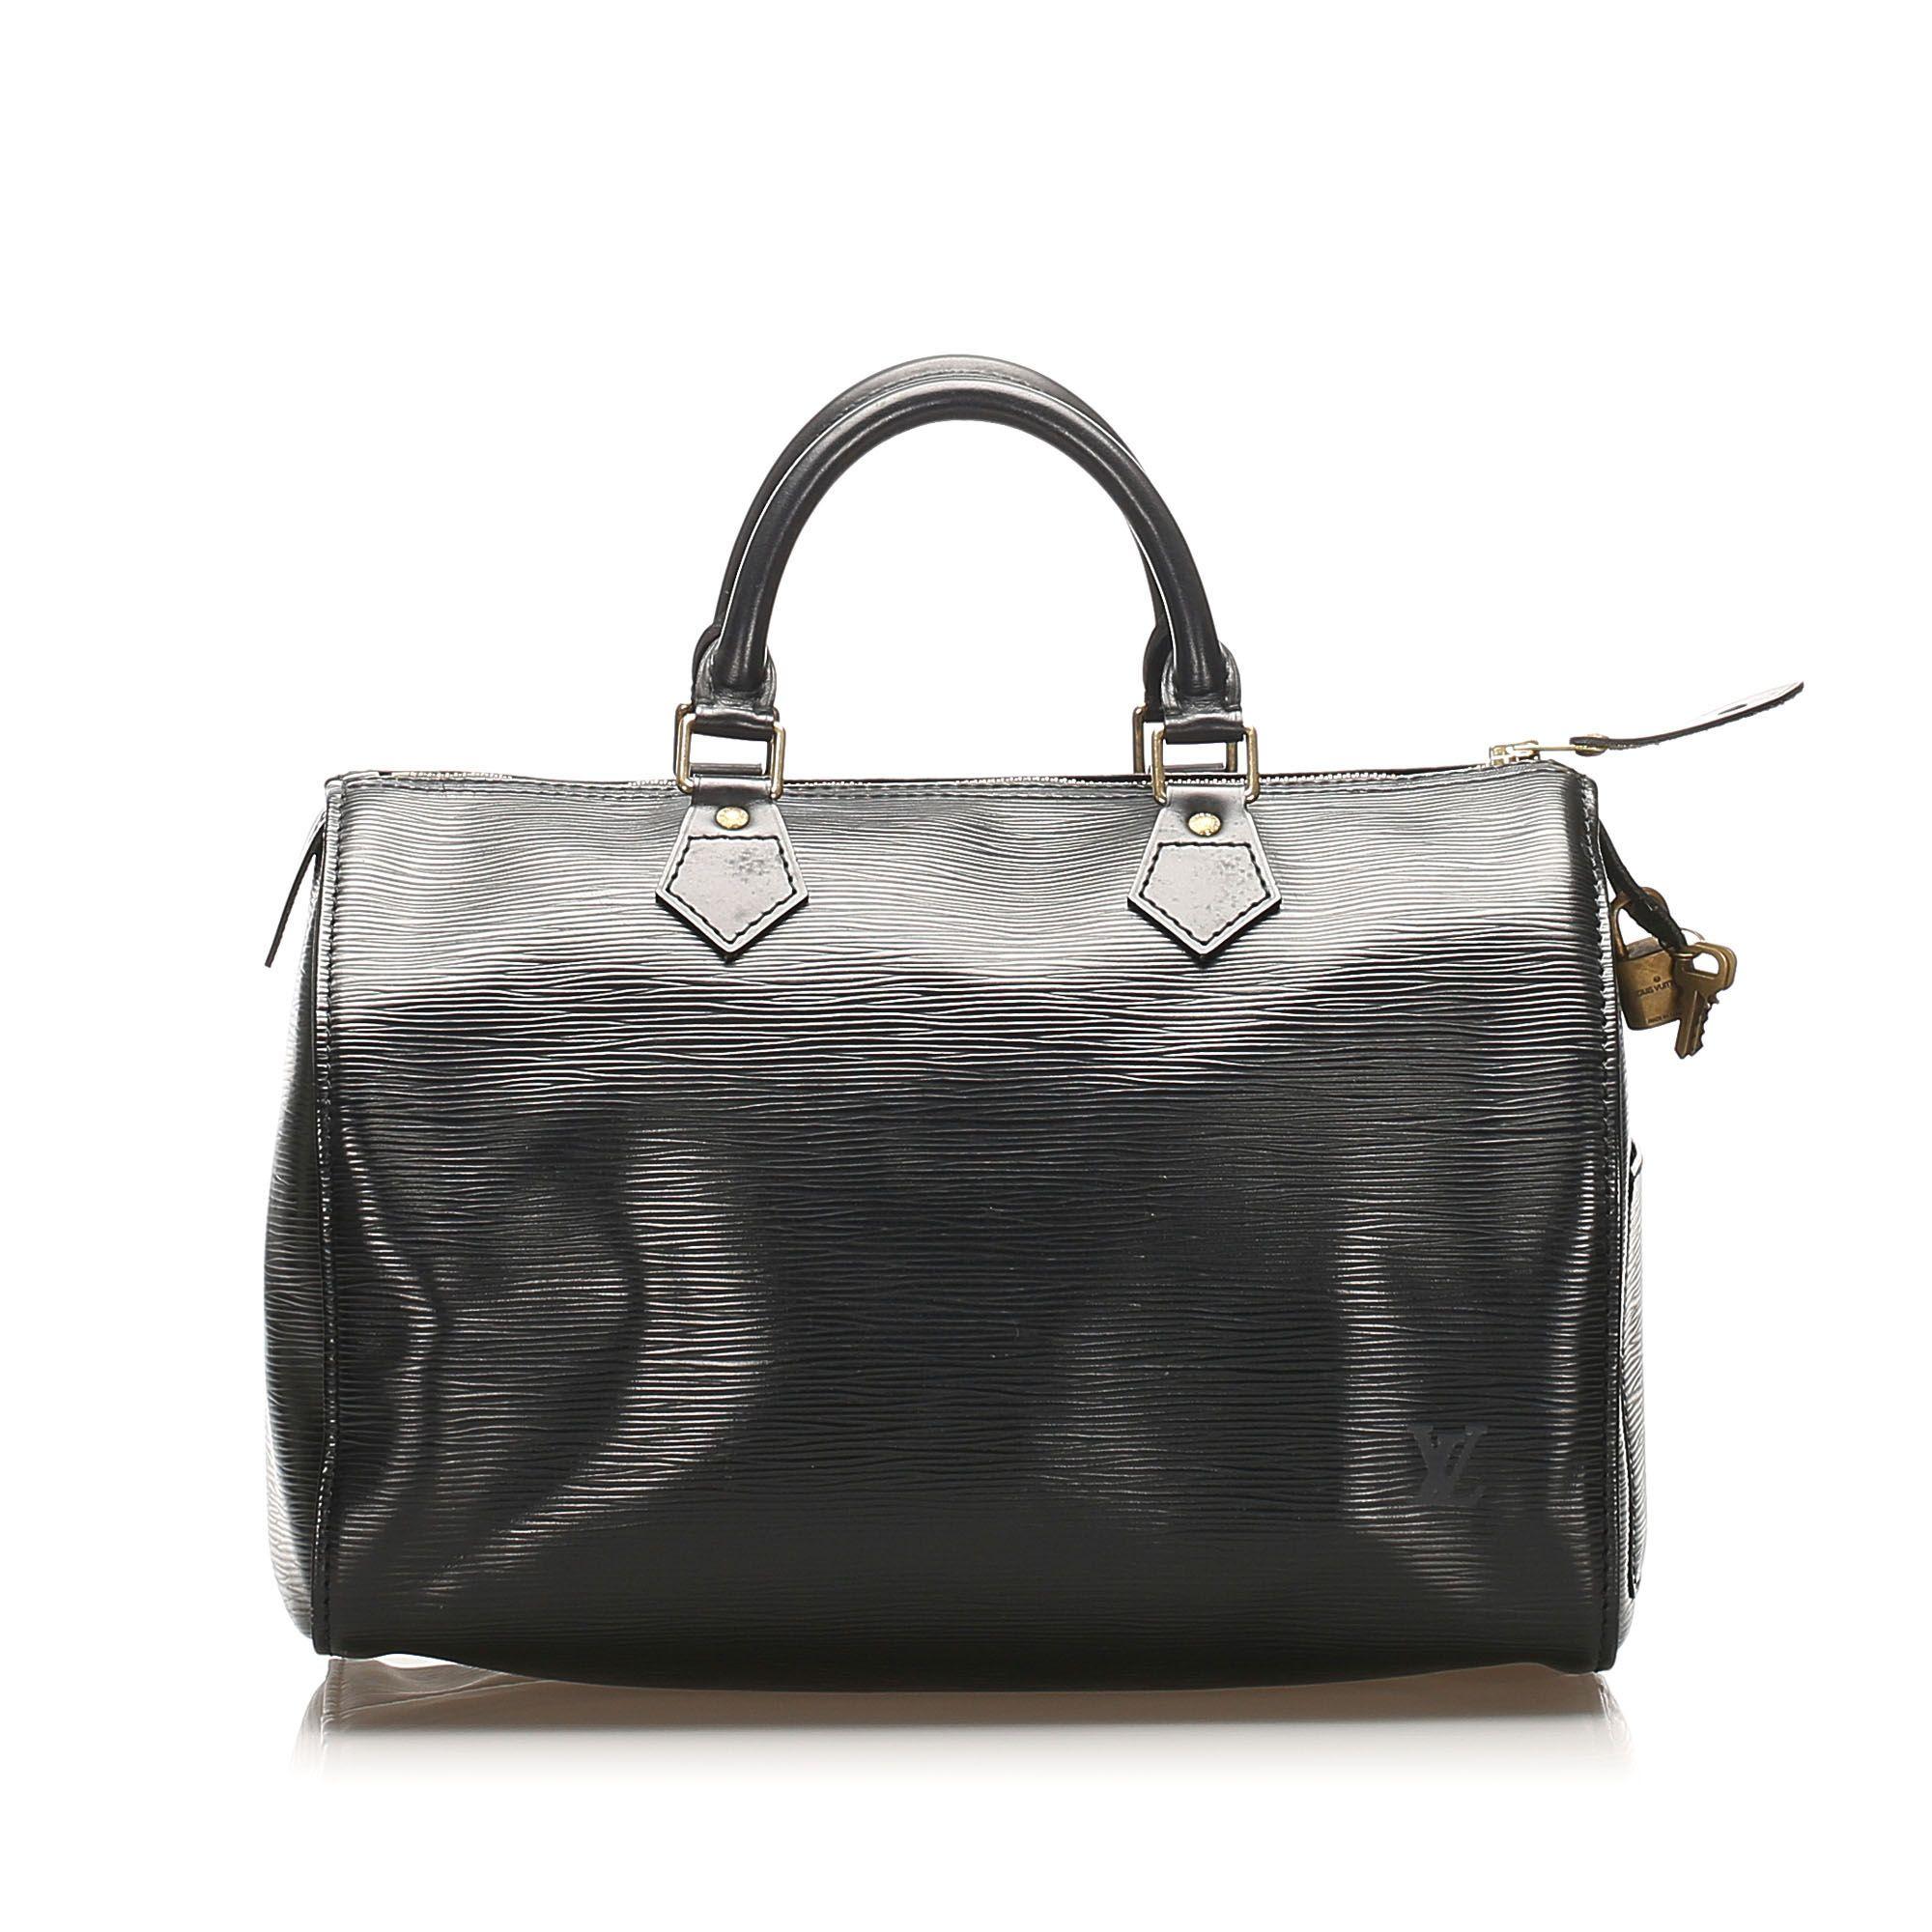 Vintage Louis Vuitton Epi Speedy 25 Black